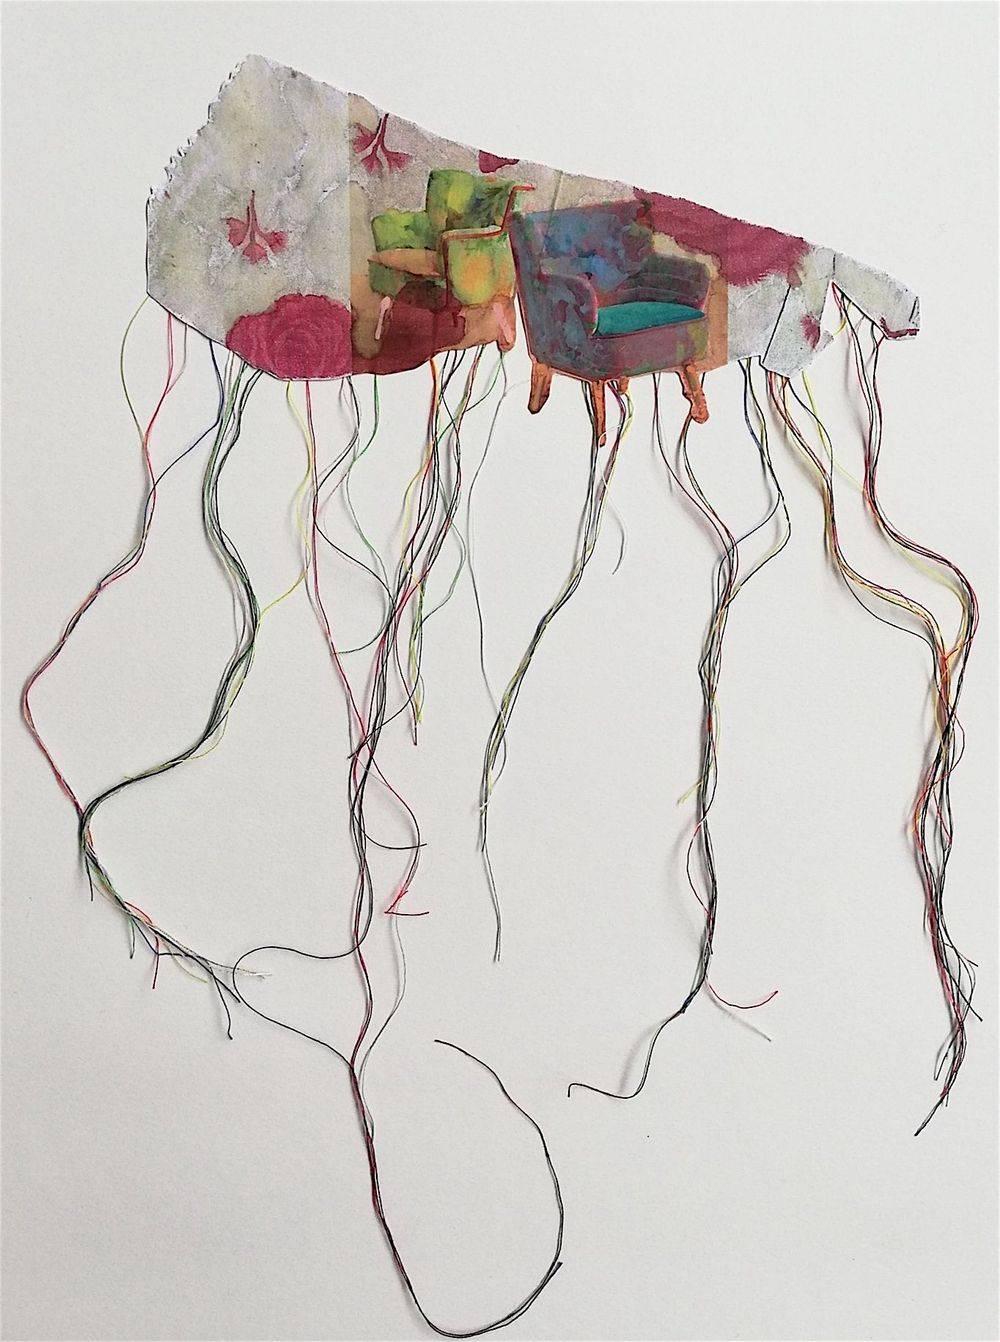 Aquarelle, Textile, Intérieurs, Natures mortes, Histoire de l'art